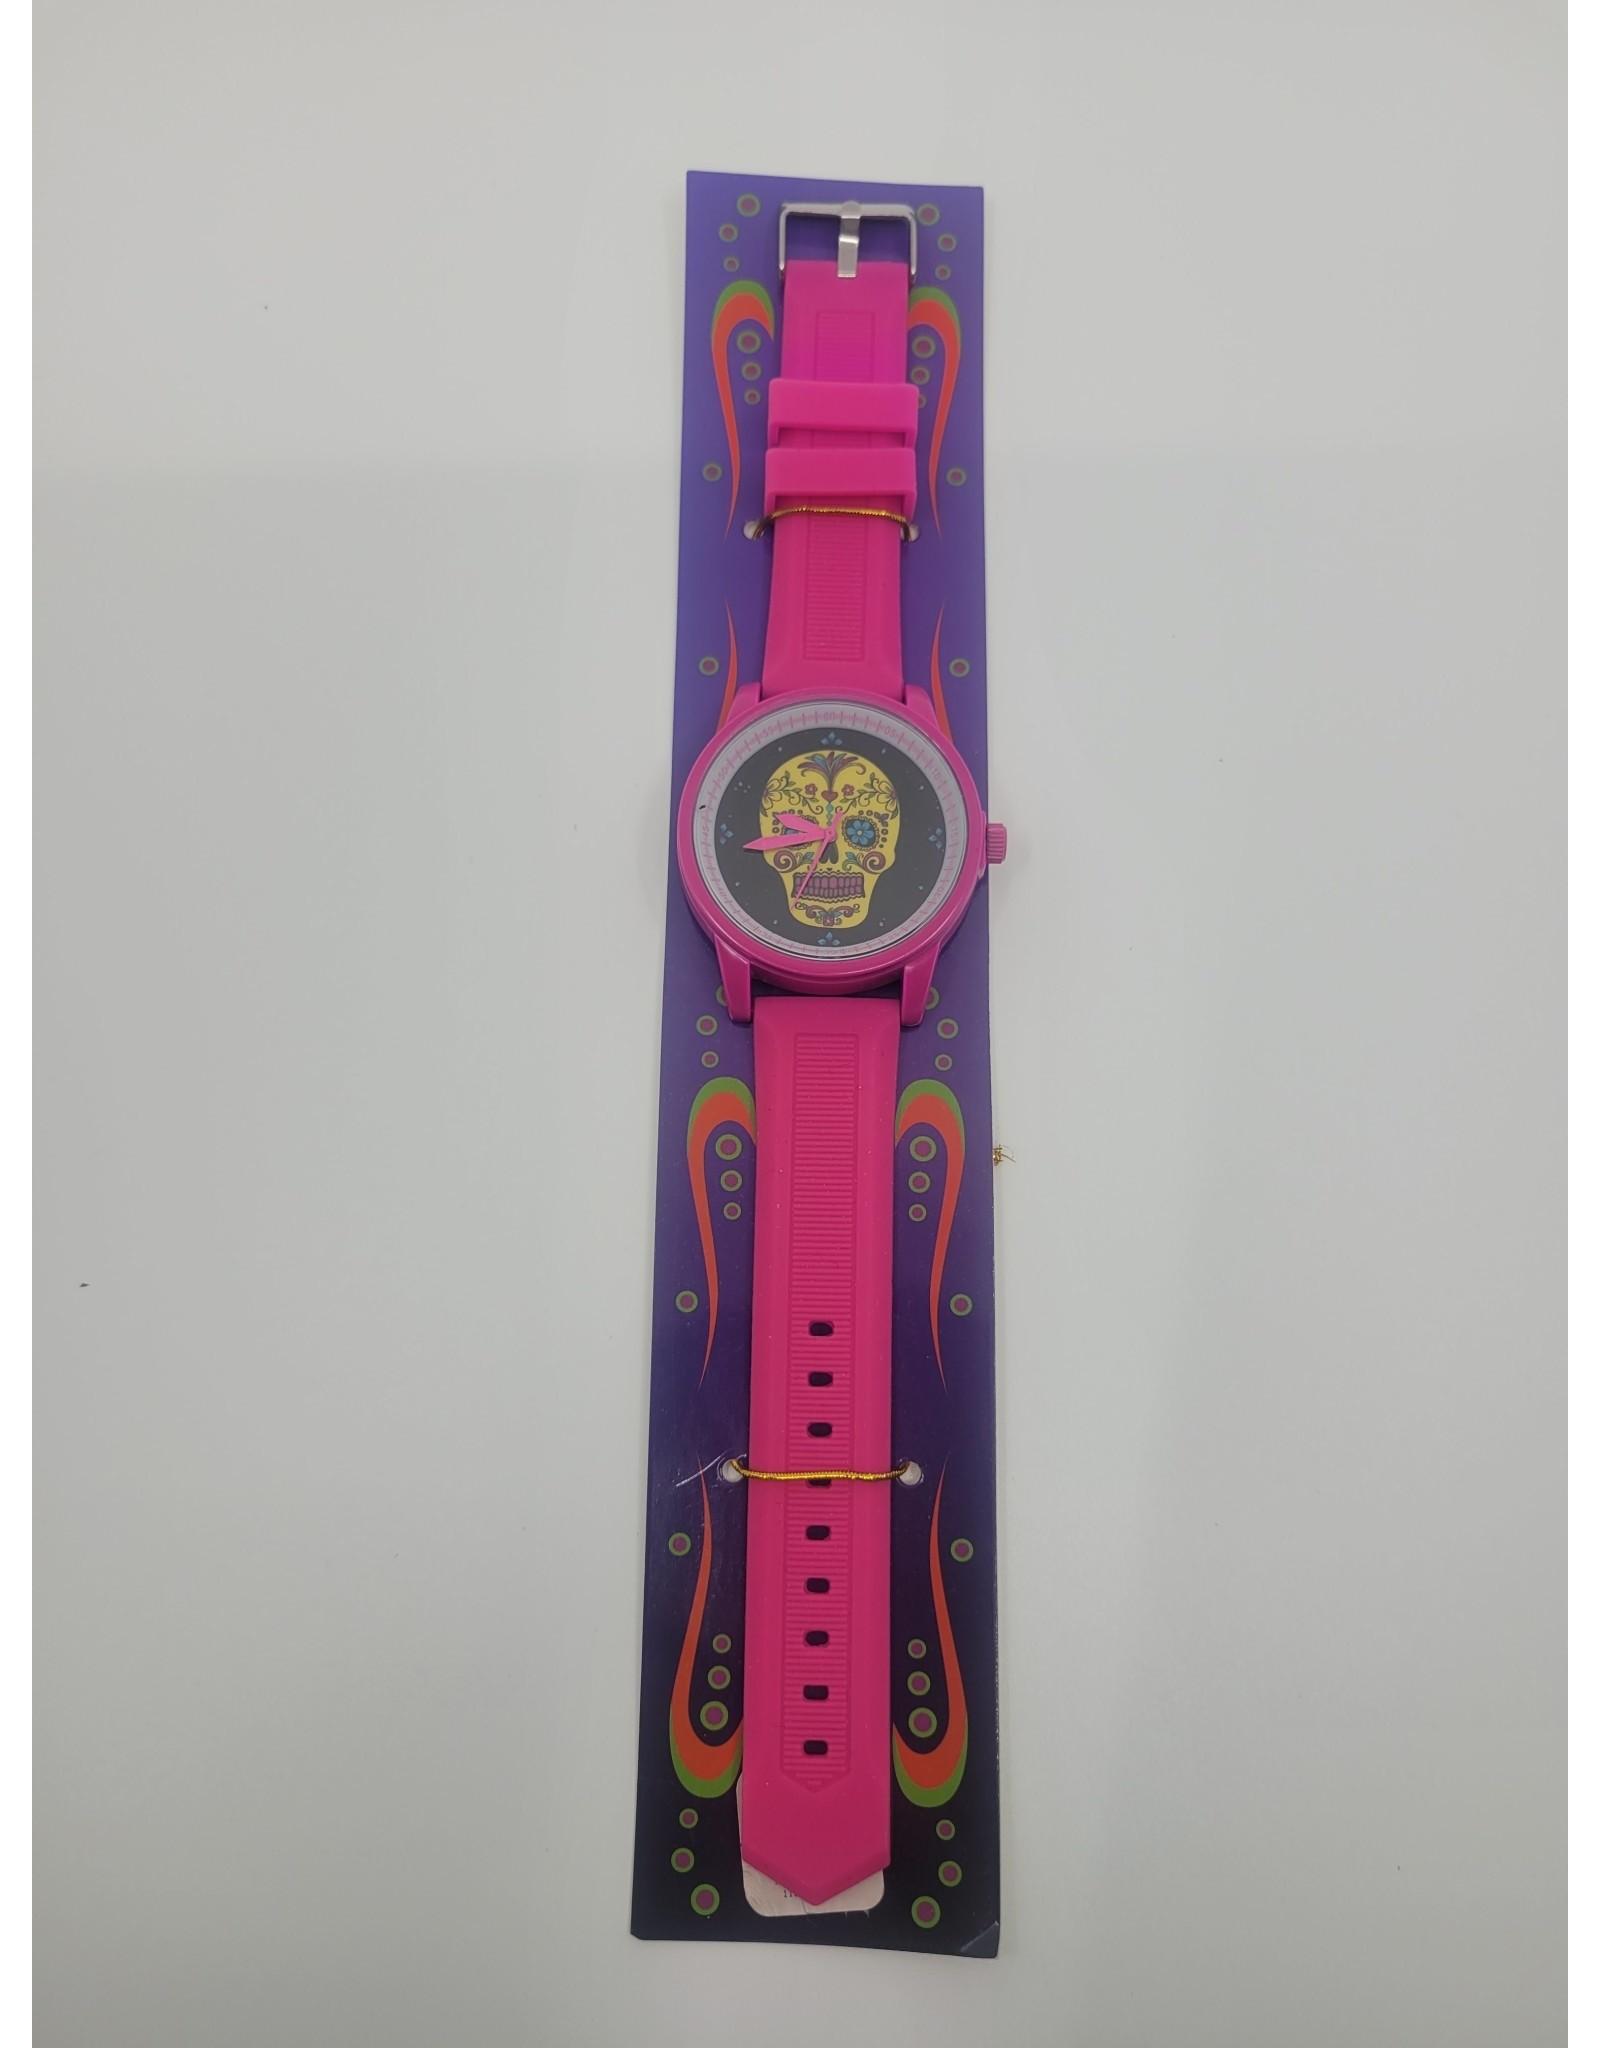 El Dia Pink Watch